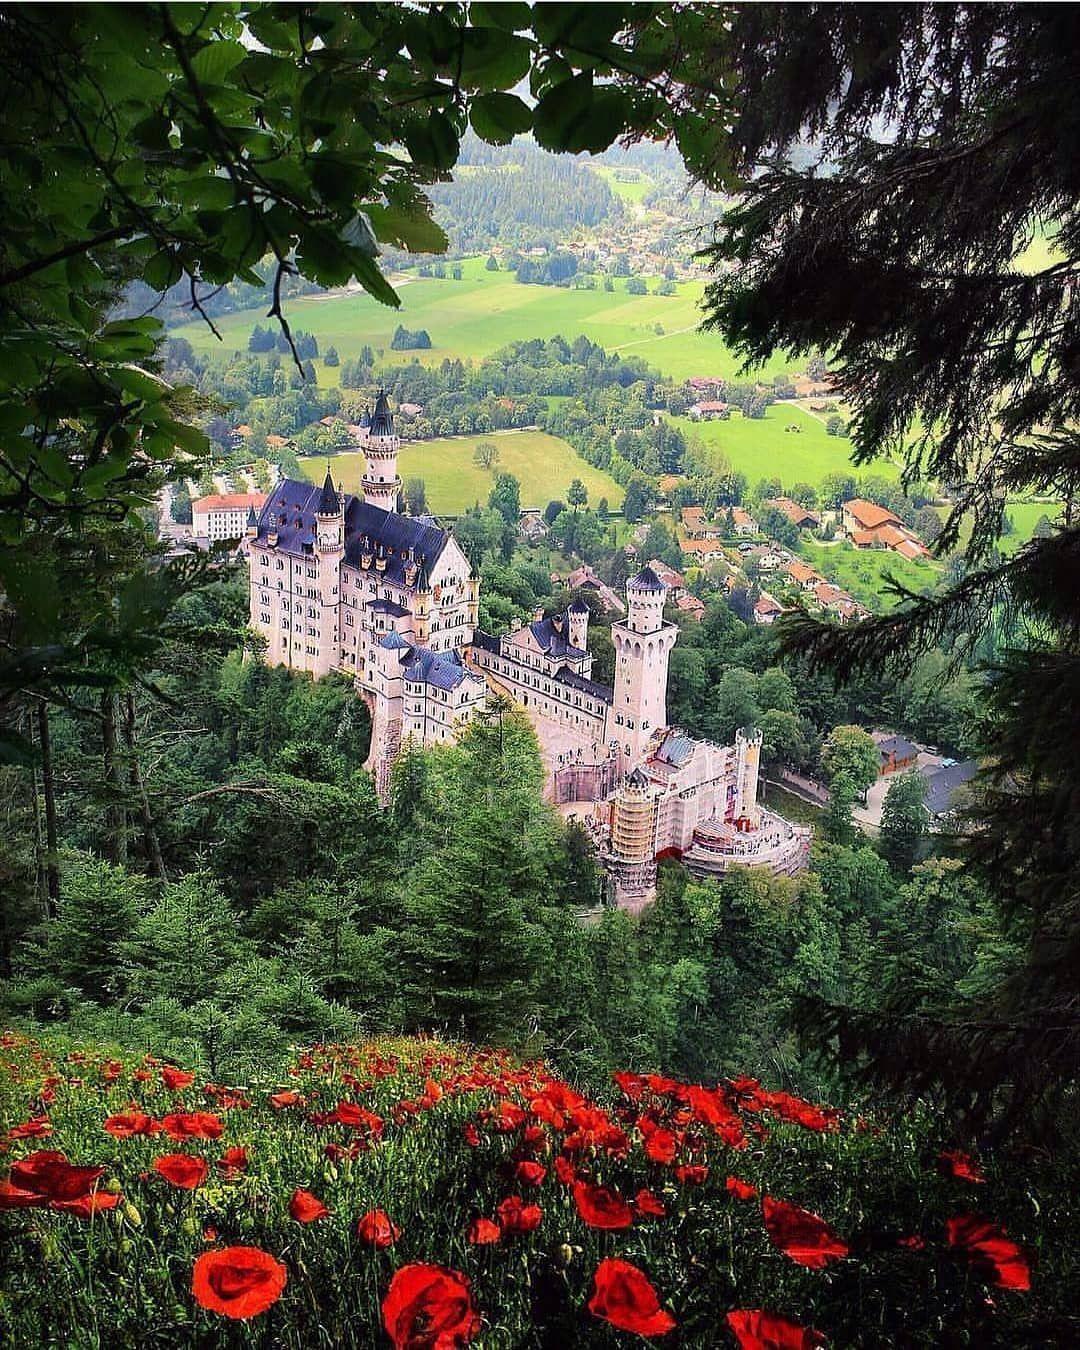 Incredible Destination On Instagram Schloss Neuschwanstein Germany Neuschwansteincastle Neusc Germany Castles Neuschwanstein Castle Cool Places To Visit